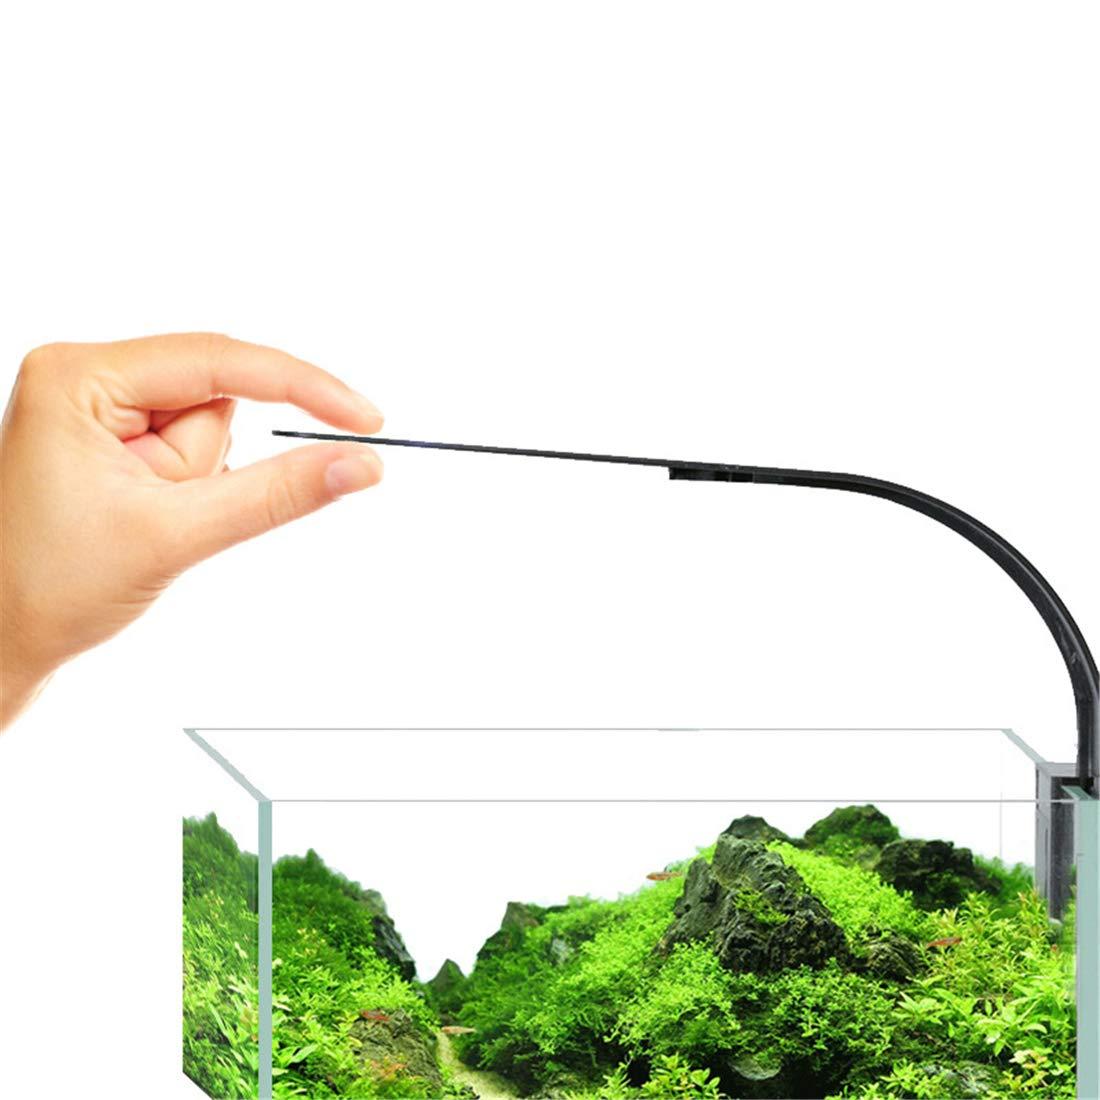 Black 10W UltraThin LED Fish Tank Clip Light Fashion Water Grass Lighting Aquarium Lamp White Light for Mini Tanks,110220V,Black